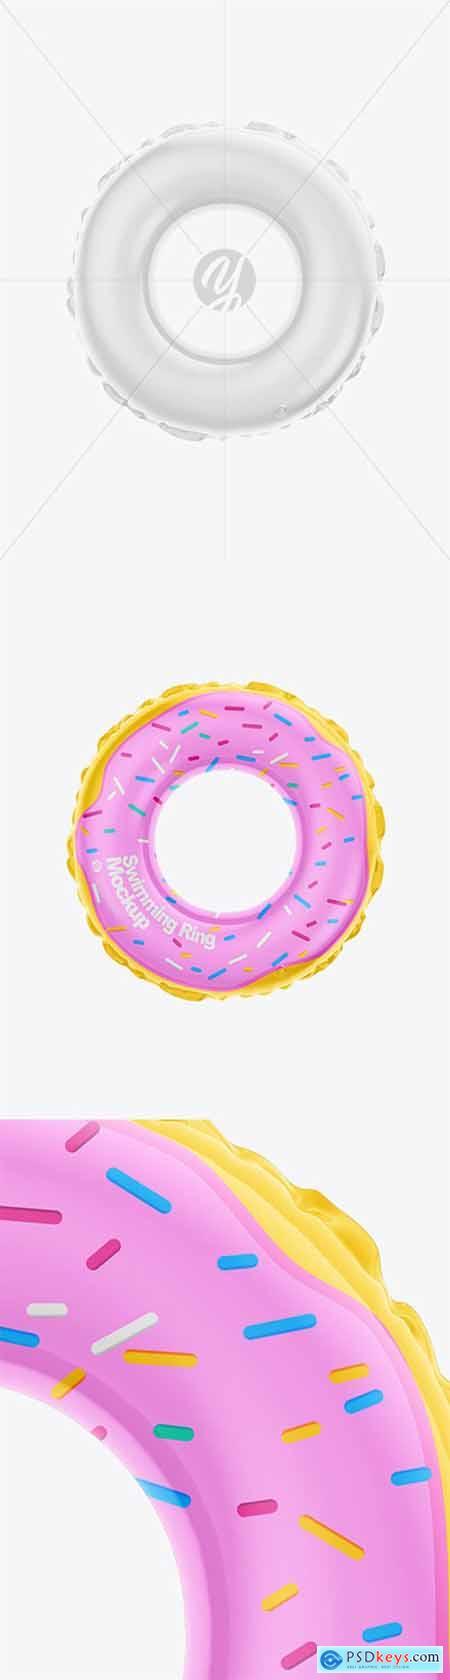 Swimming Ring Mockup 51674